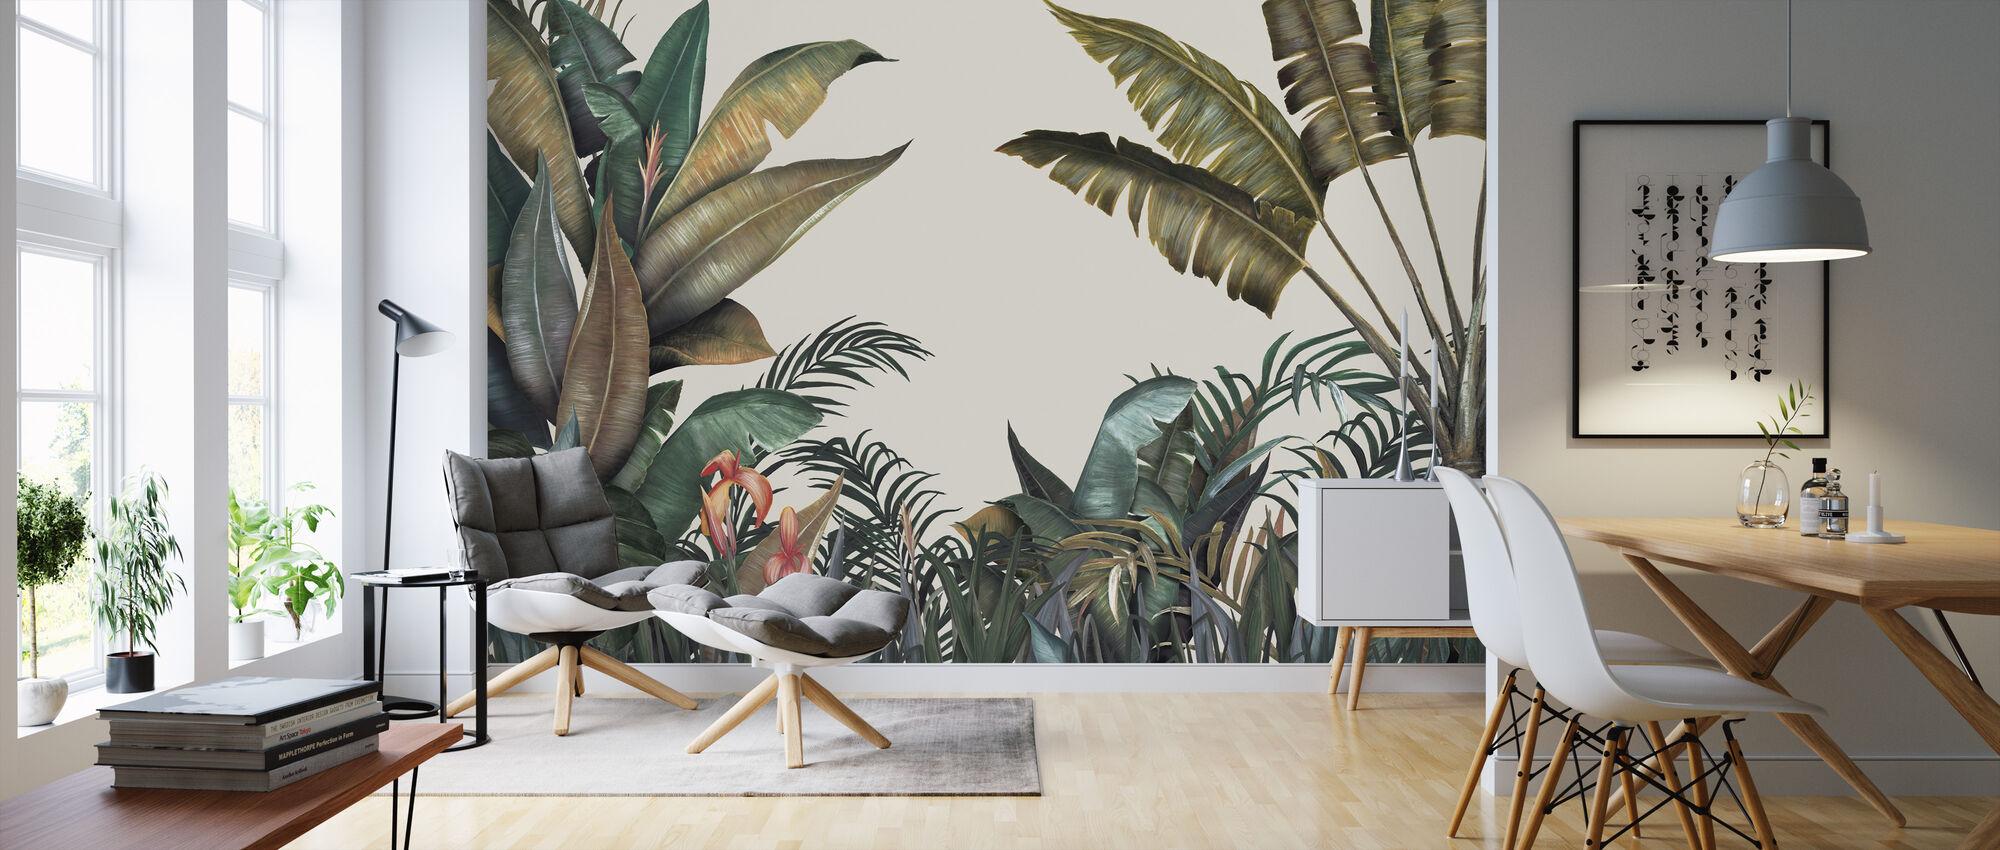 Tropical - Wallpaper - Living Room